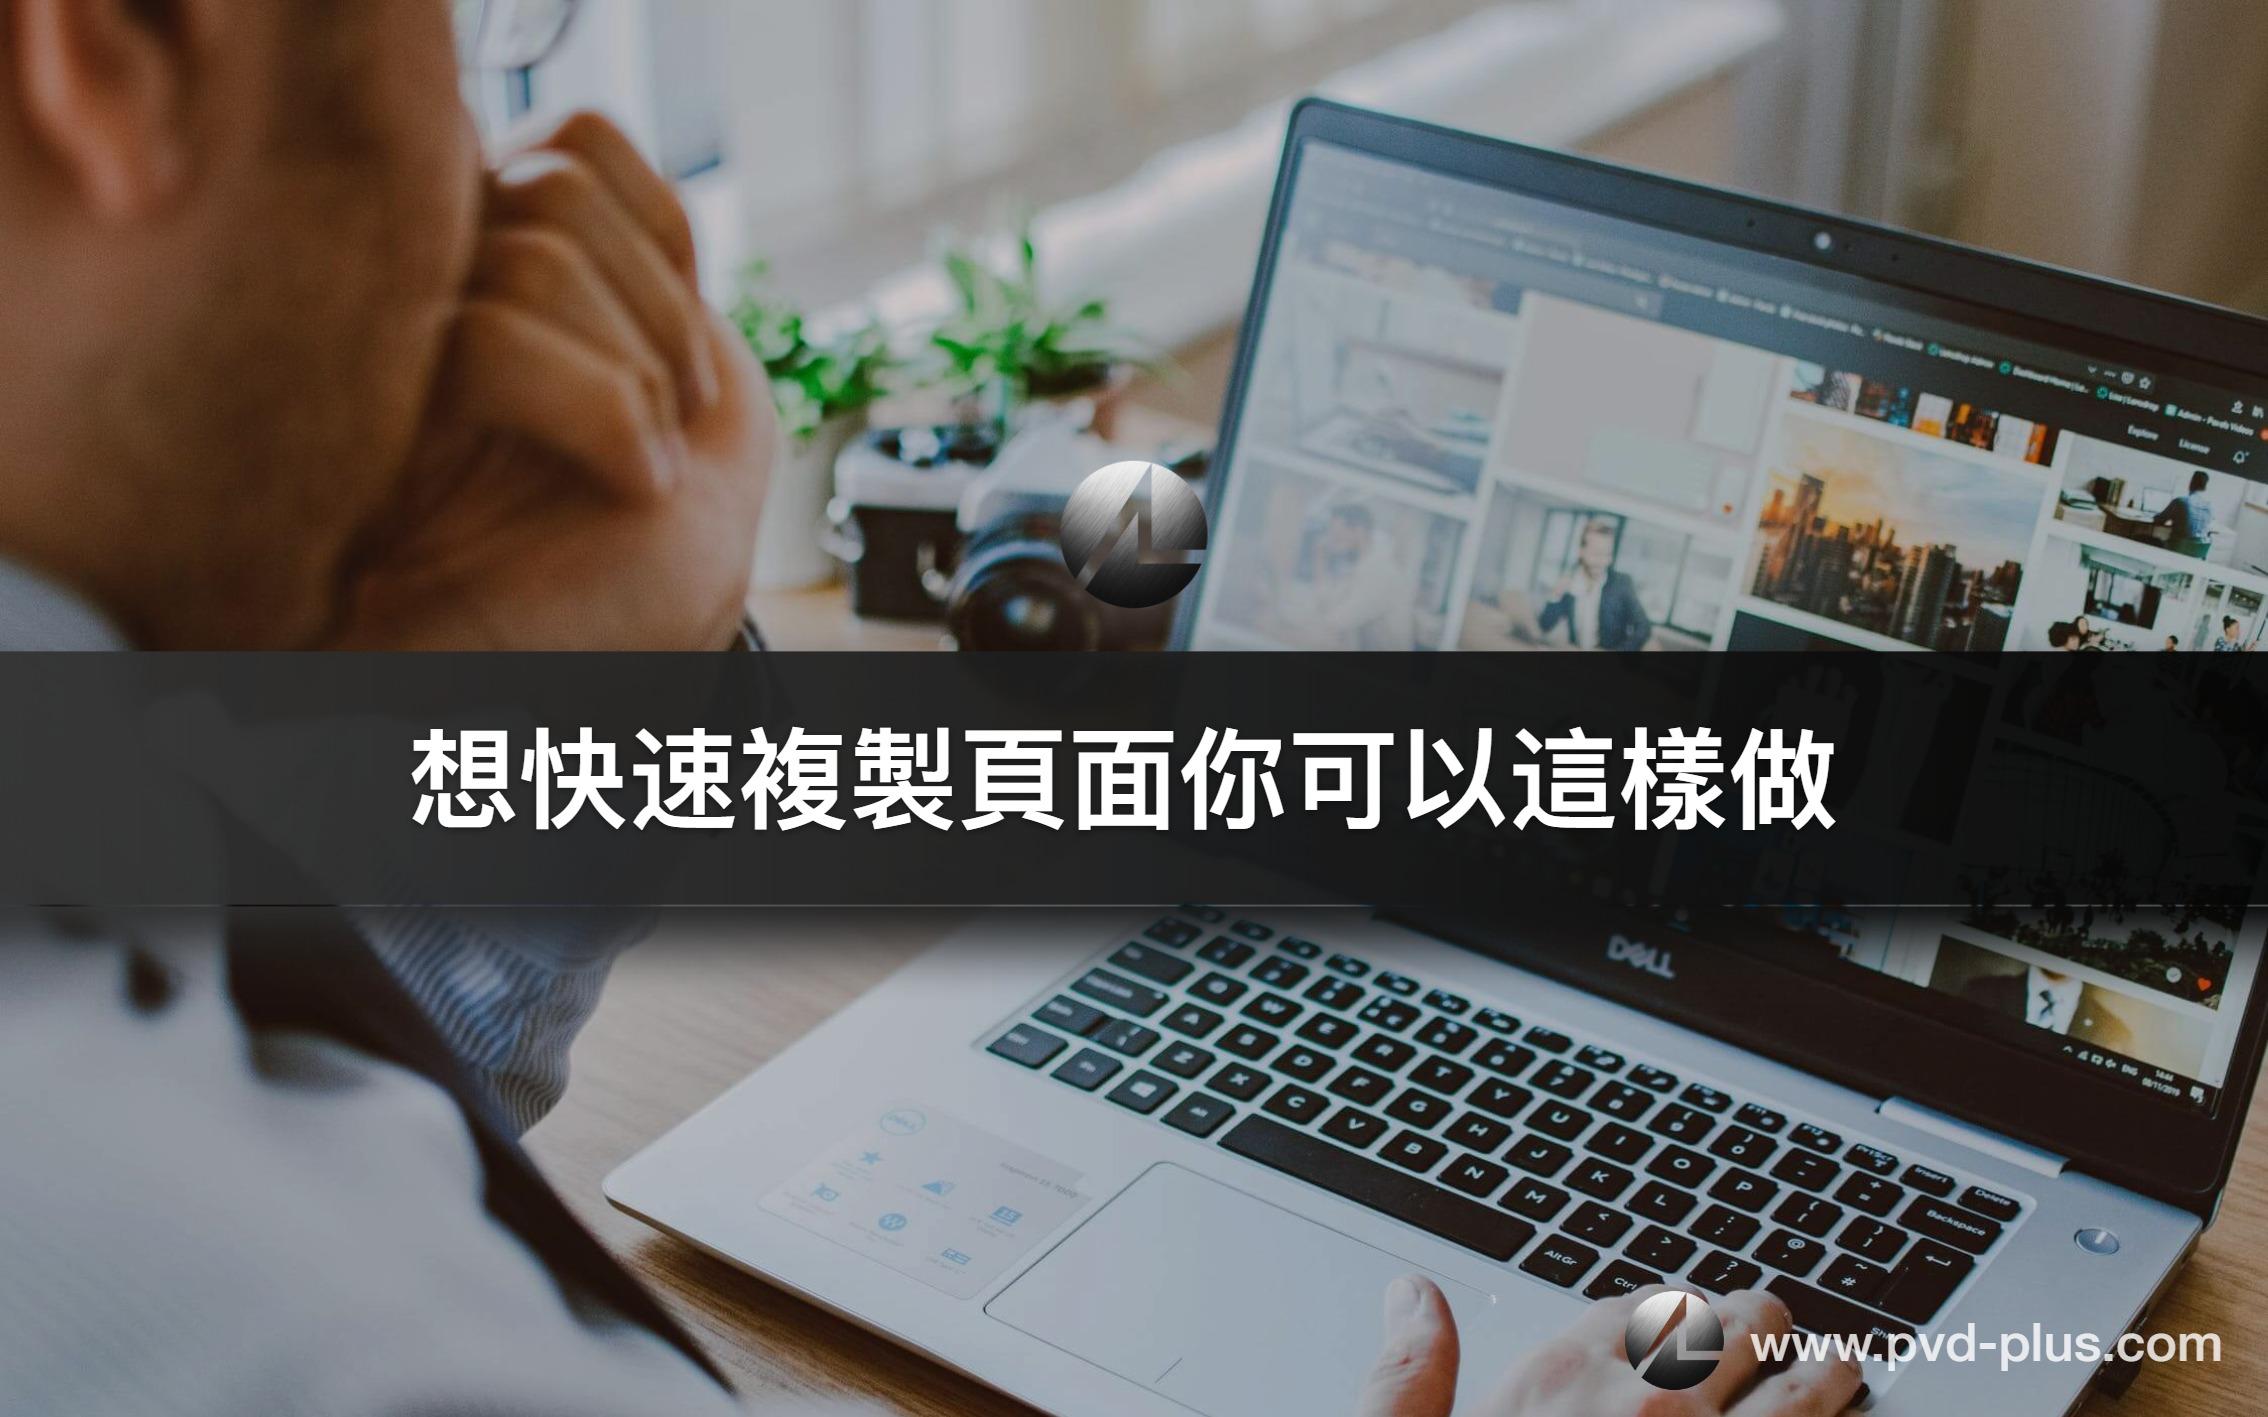 下載Yoast Duplicate Post讓你一鍵複製網站頁面及文章